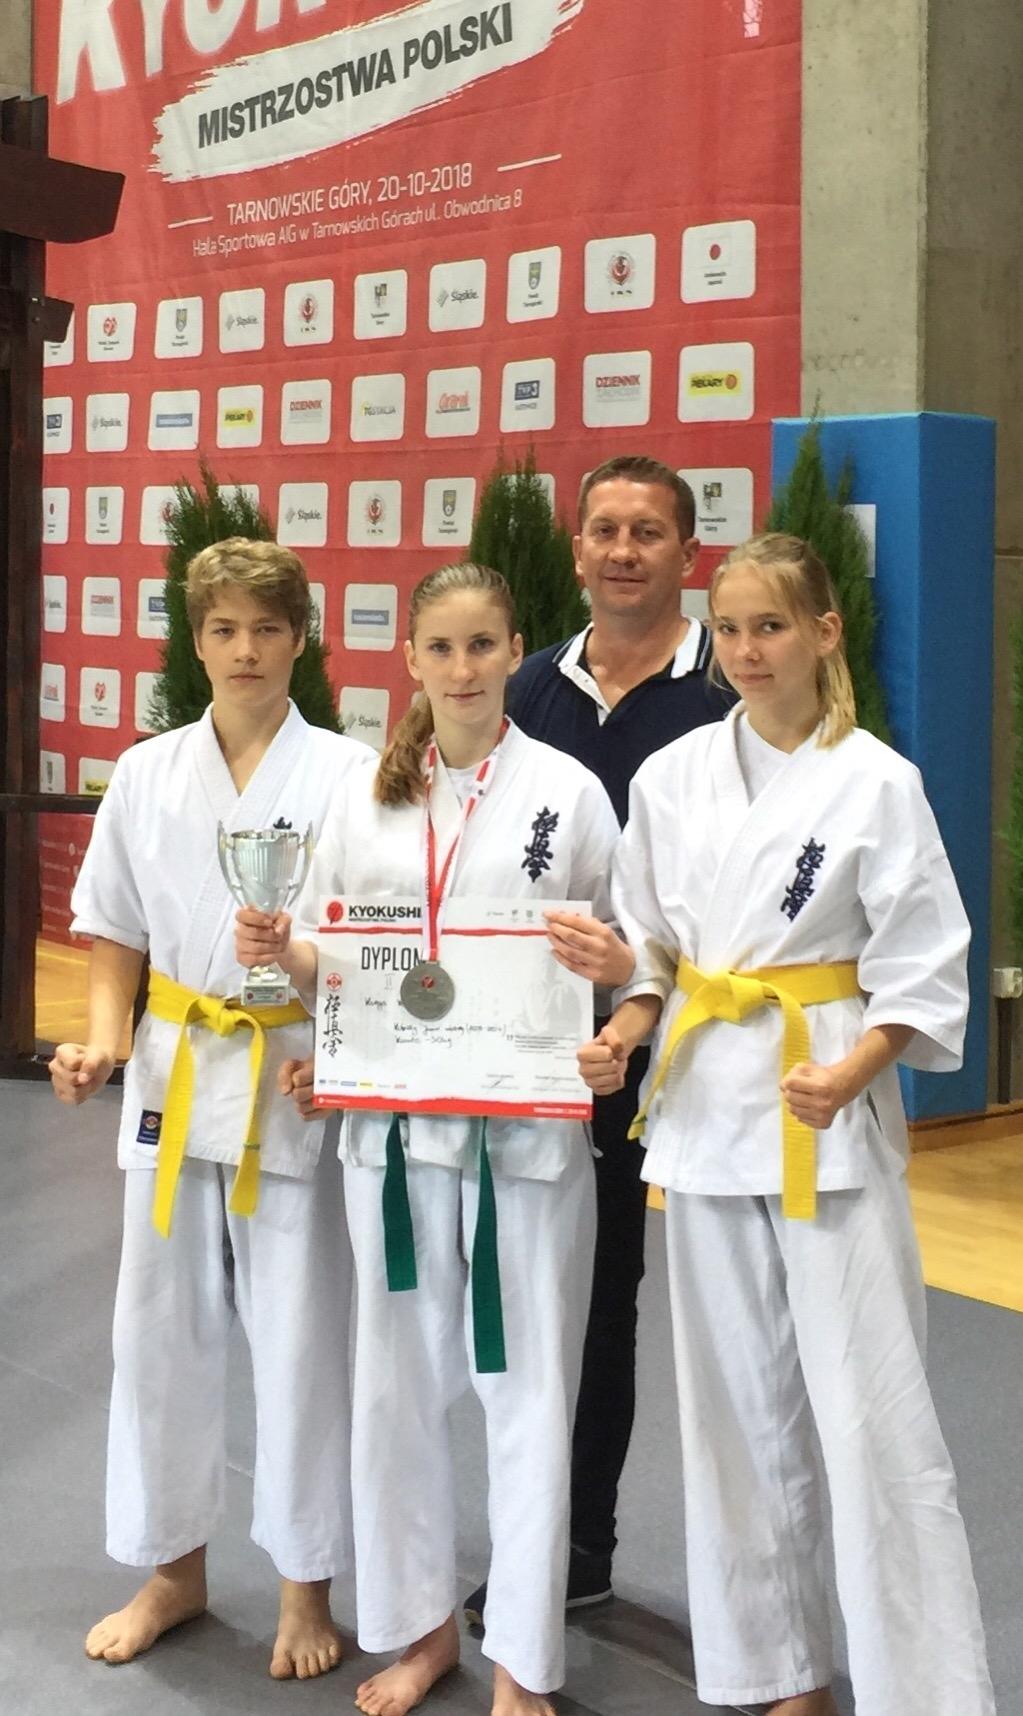 http://m.wm.pl/2018/10/orig/karate-502615.jpg